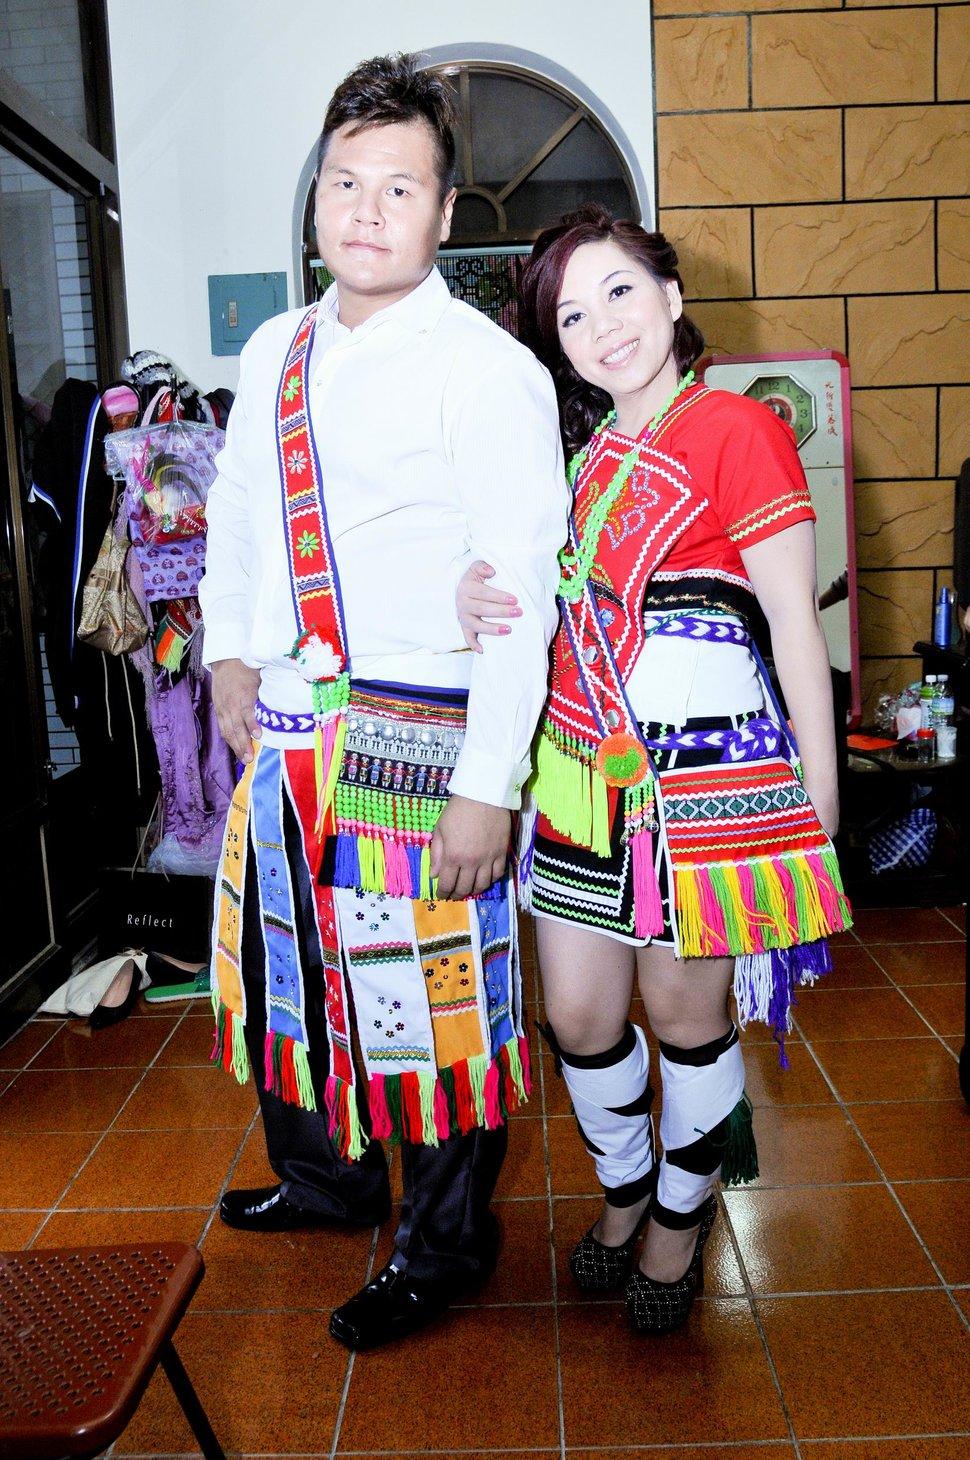 台東自宅阿美族婚禮紀錄結婚迎娶婚禮記錄動態微電影錄影專業錄影平面攝影婚紗攝攝影婚禮主持人(編號:160016) - 蜜月拍照10800錄影12800攝影團隊 - 結婚吧